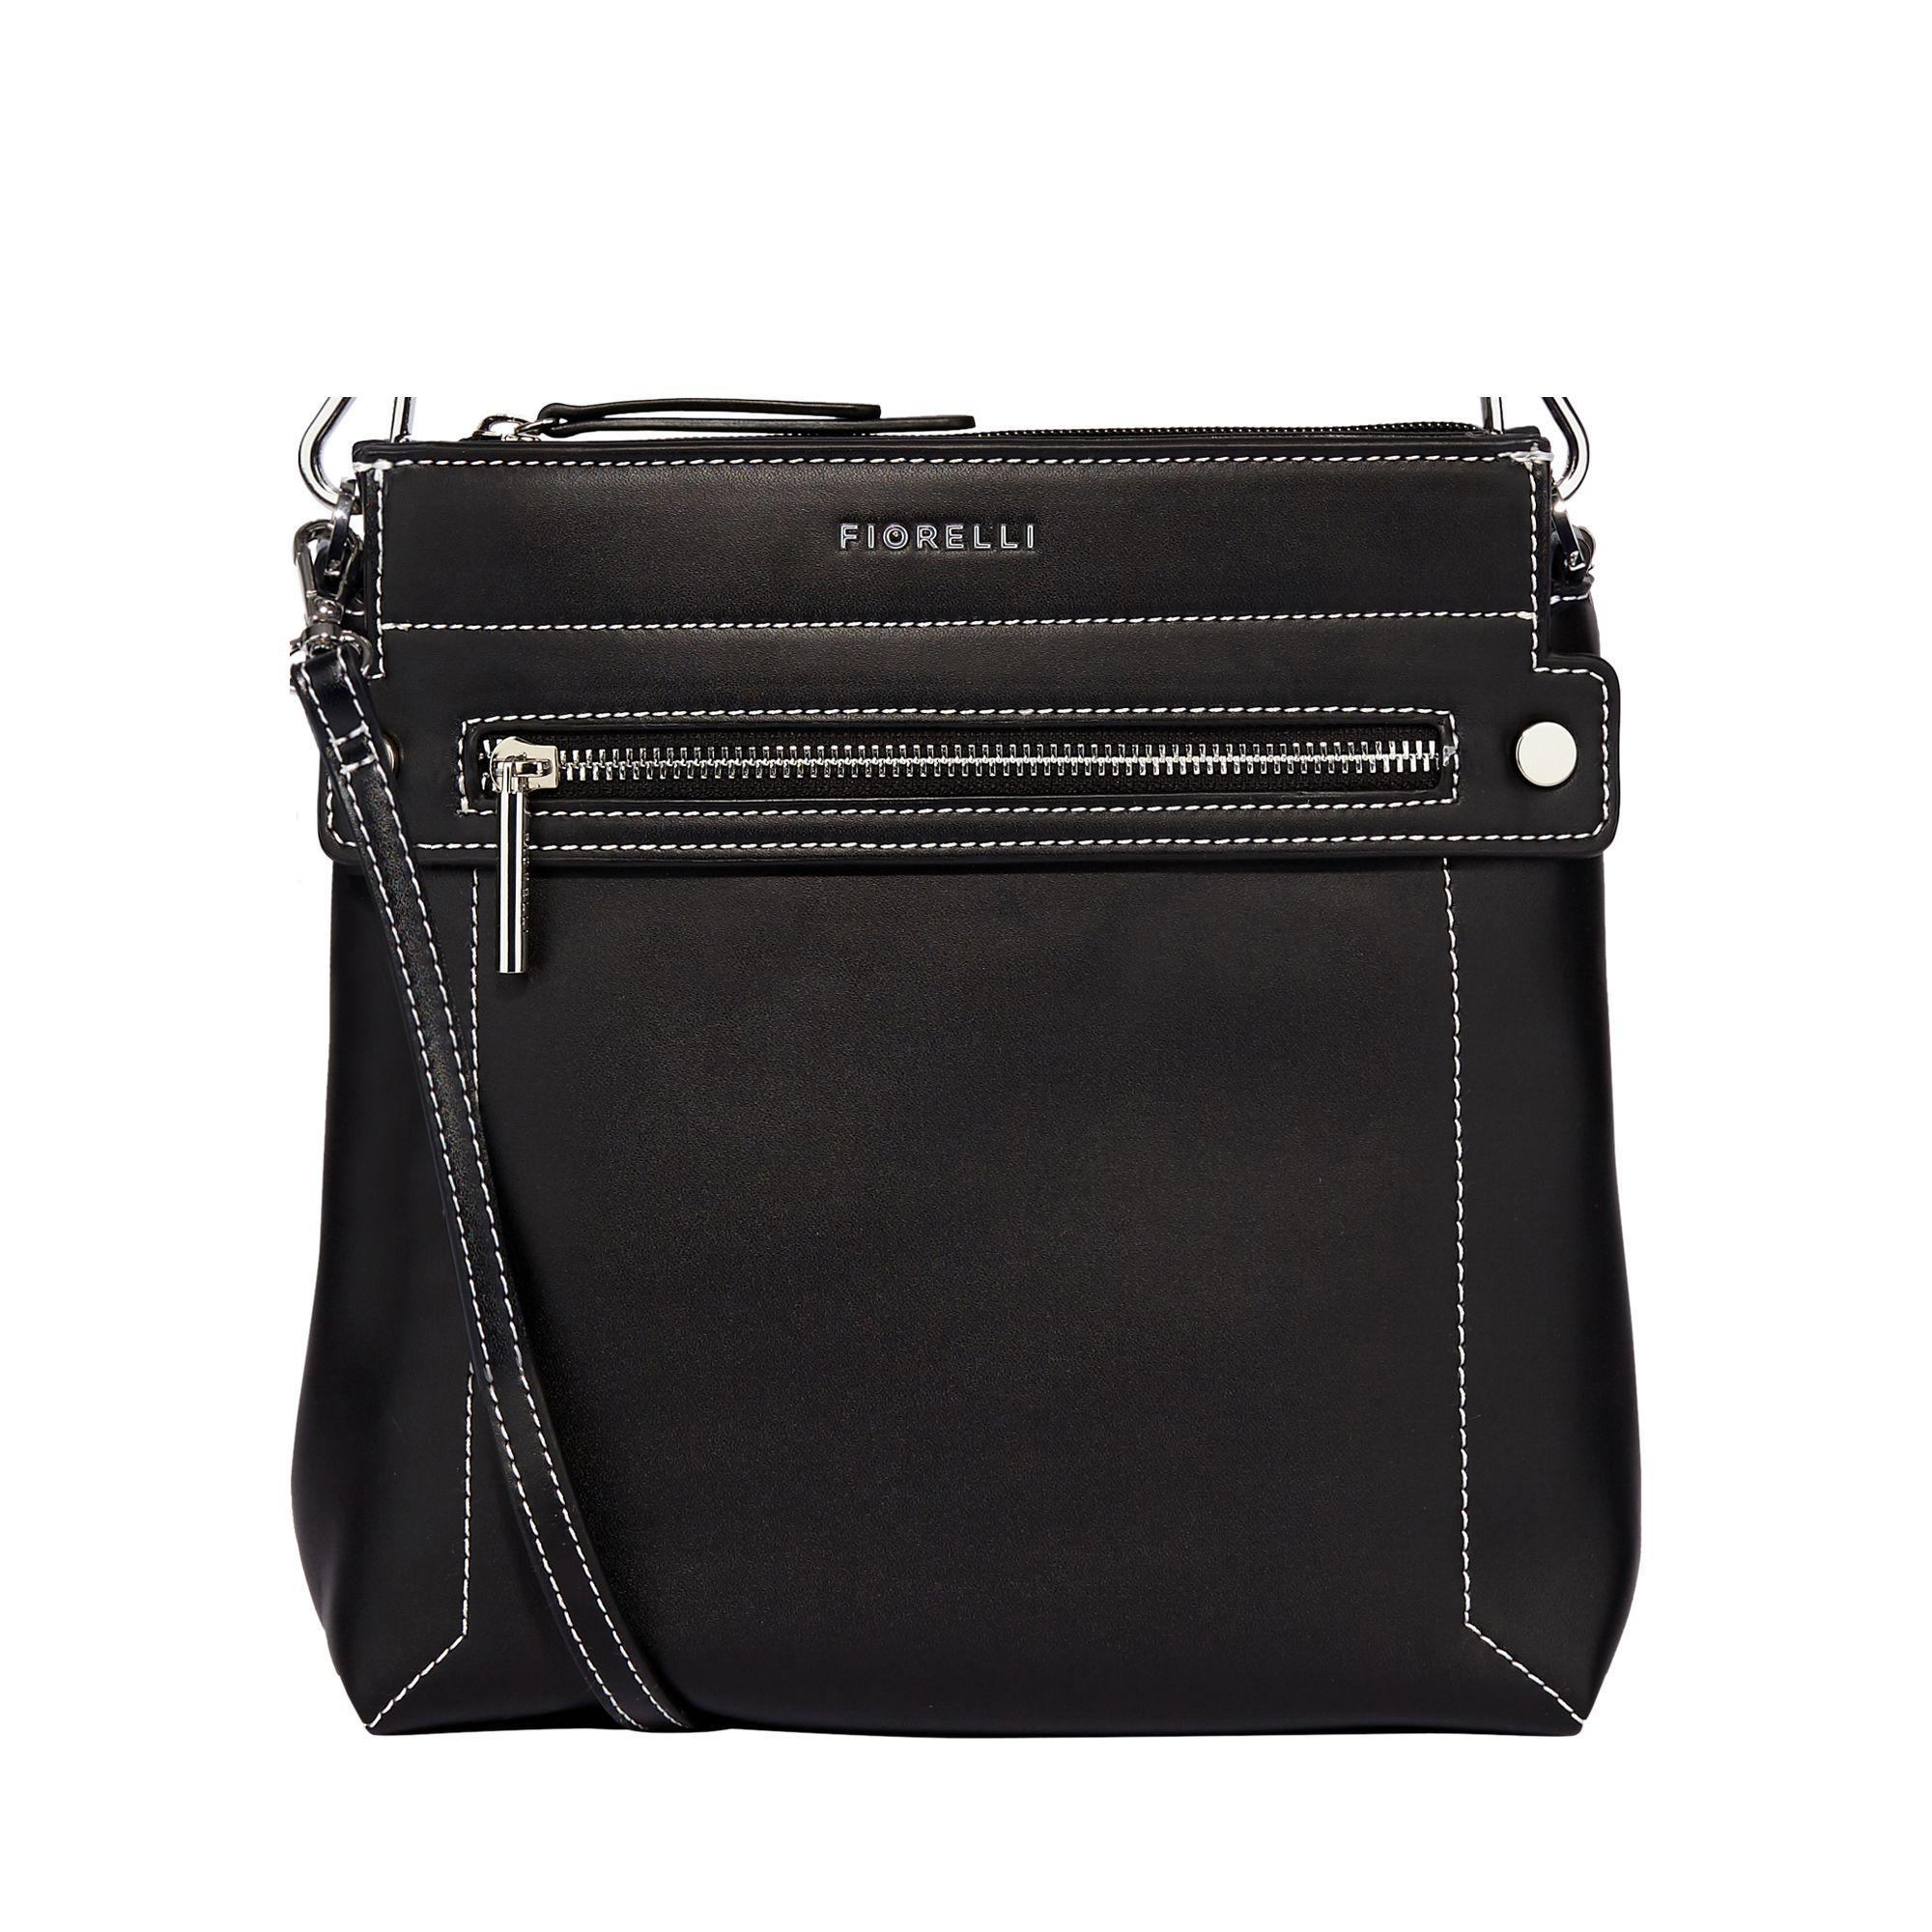 5f9ab5f3f6 Fiorelli - Black Abbey Crossbody Bag - Lyst. View fullscreen